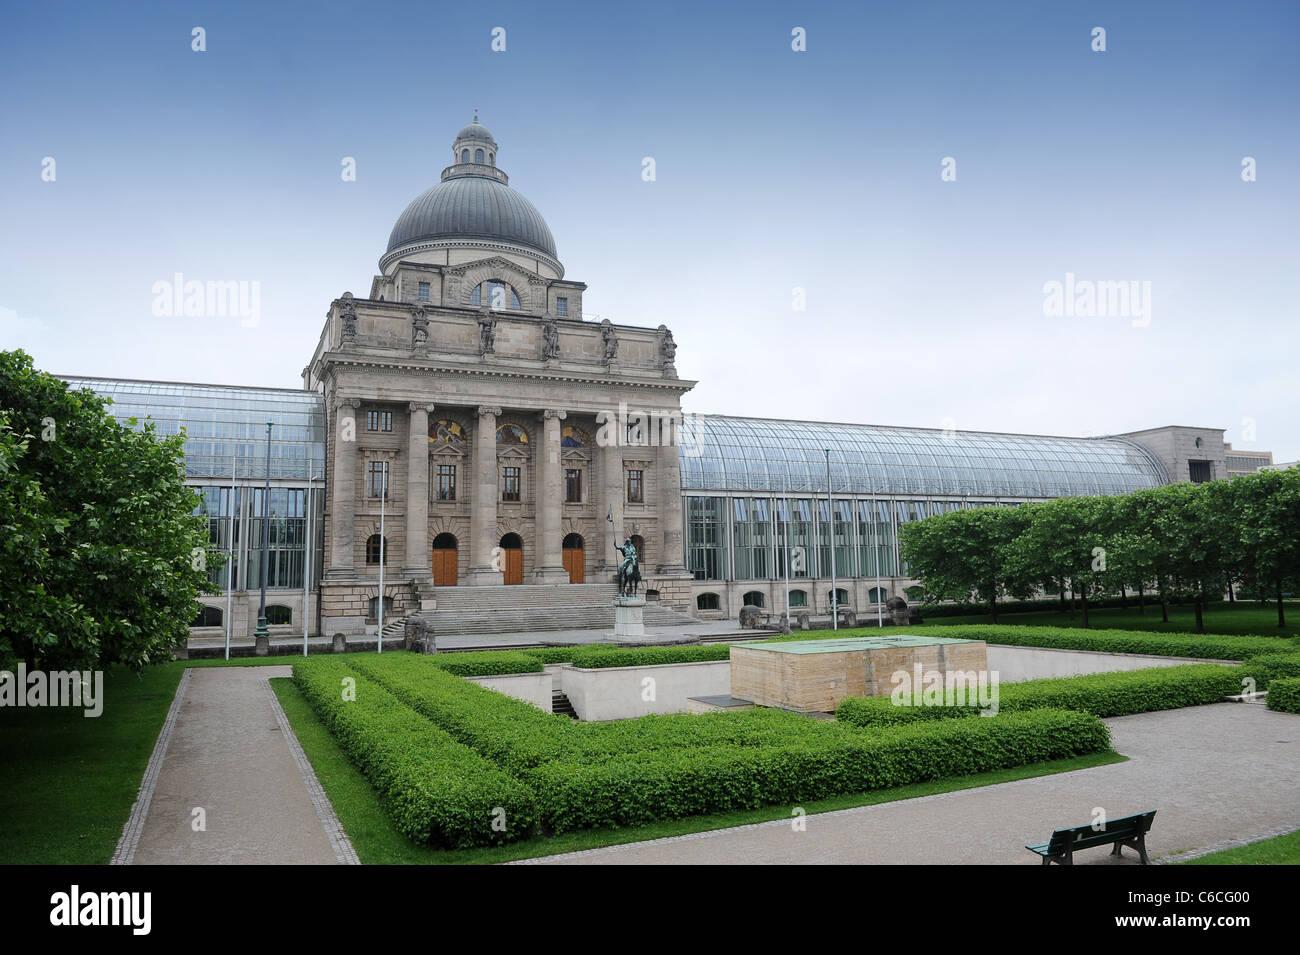 The Westside of the Bavarian State Chancellery (Bayerische Staatskanzlei) Bavaria Germany Munchen Deutschland - Stock Image